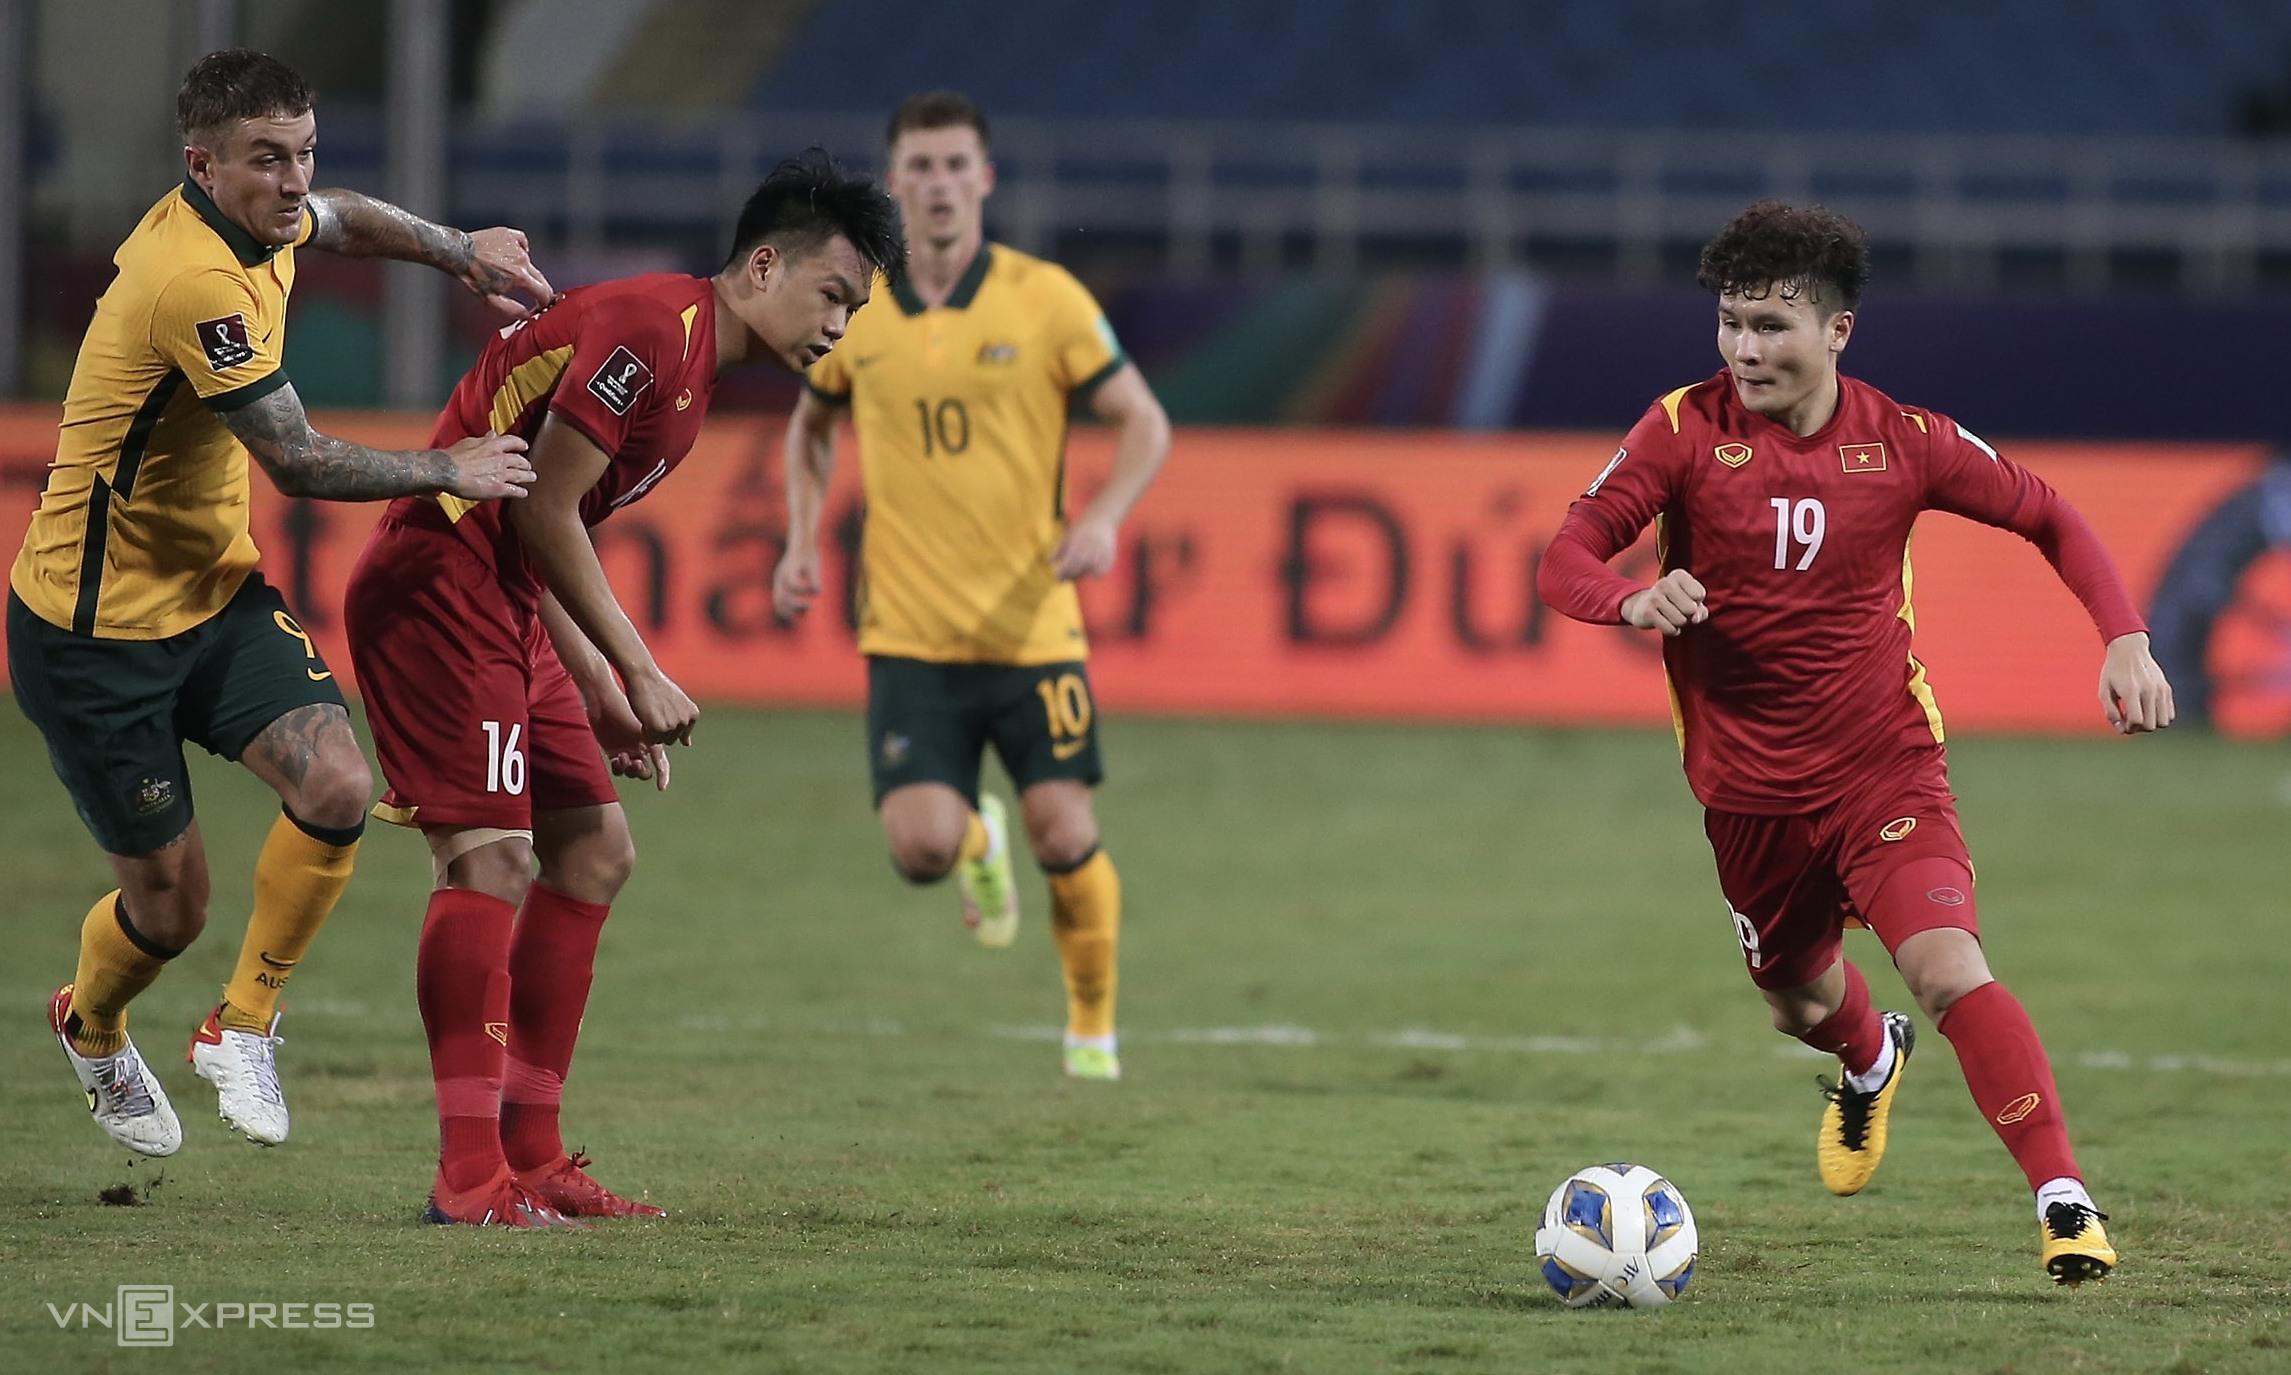 Quang Hải vẫn chơi nổi bật bên phía Việt Nam nhưng không thể giúp đội nhà ghi bàn. Ảnh: Lâm Thoả